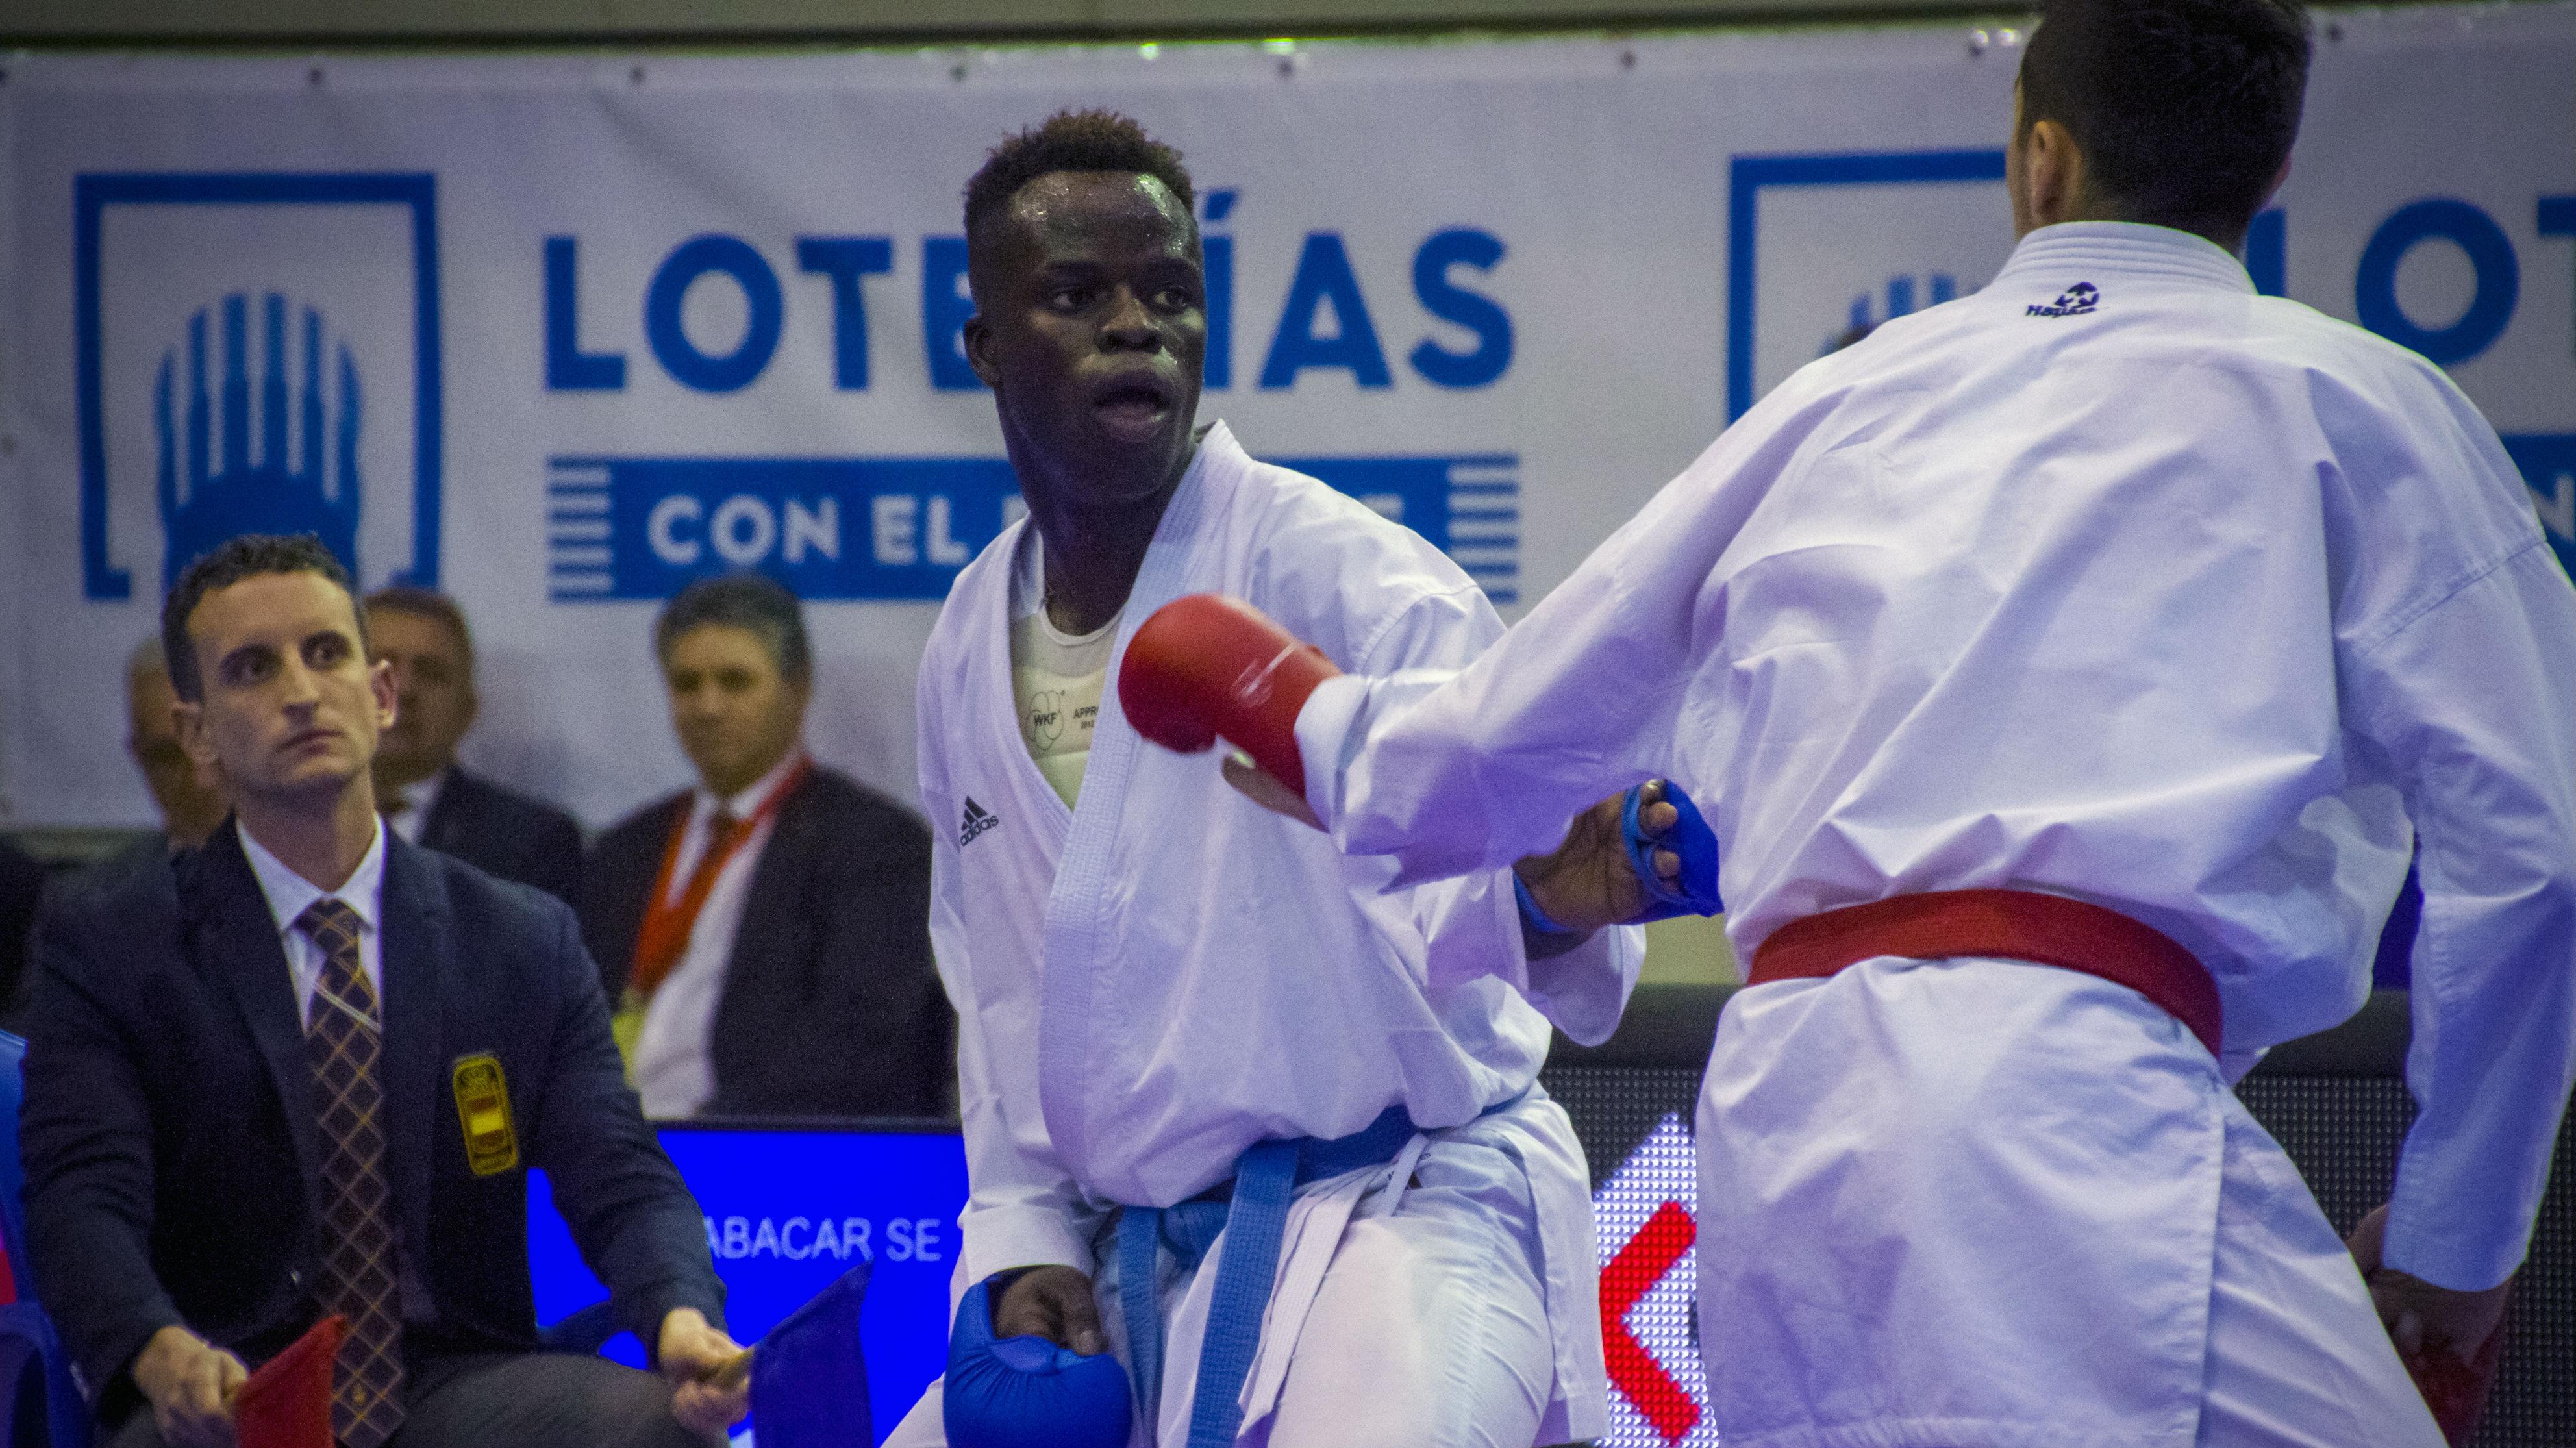 Campeonato de España de Kárate. 12 y 13 de enero. 2019